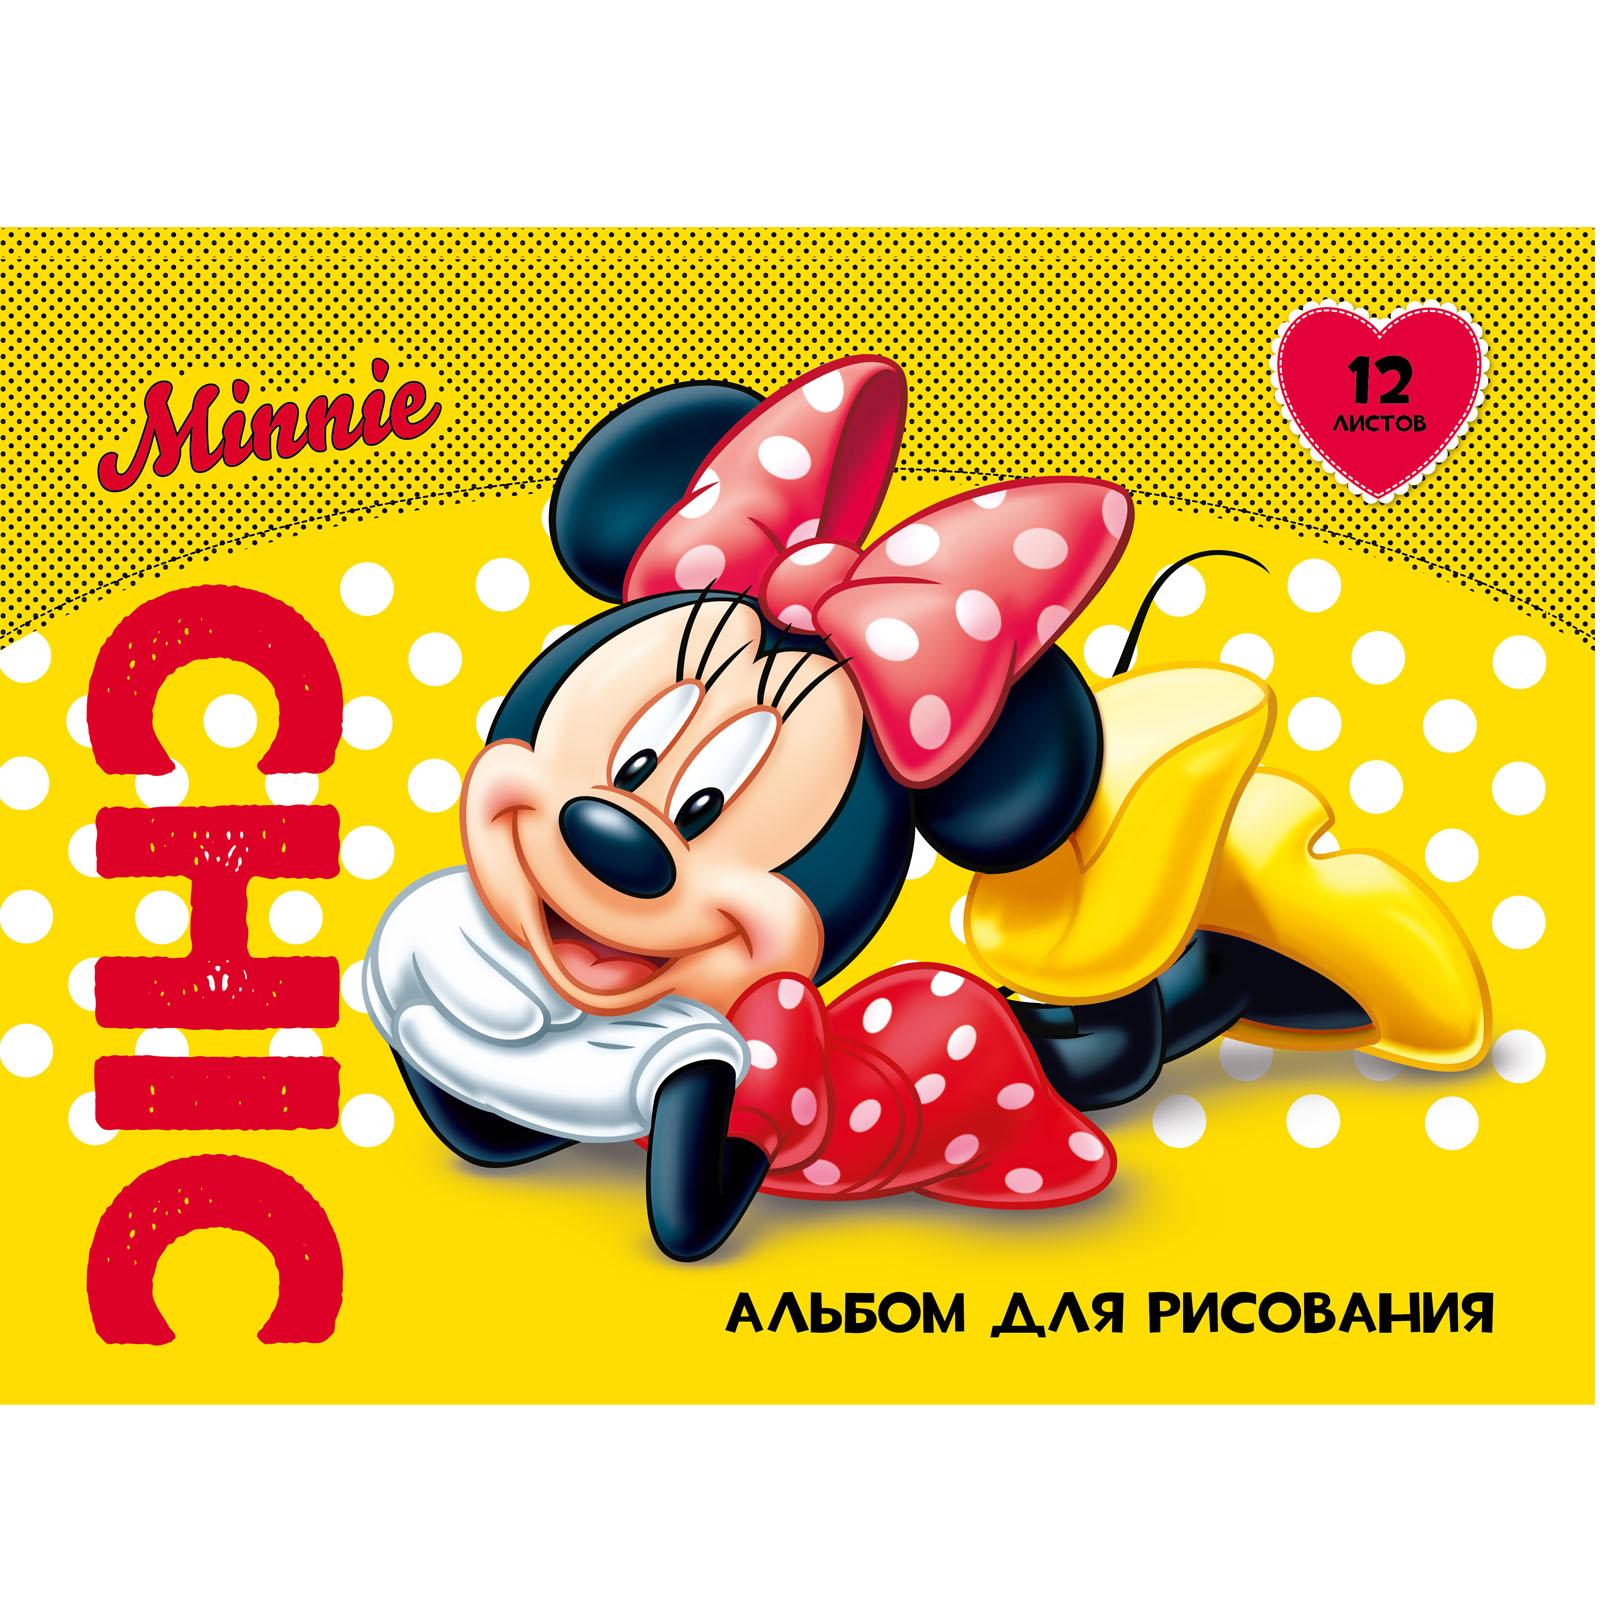 Росмэн Альбом для рисования Disney «Минни», 12 листов